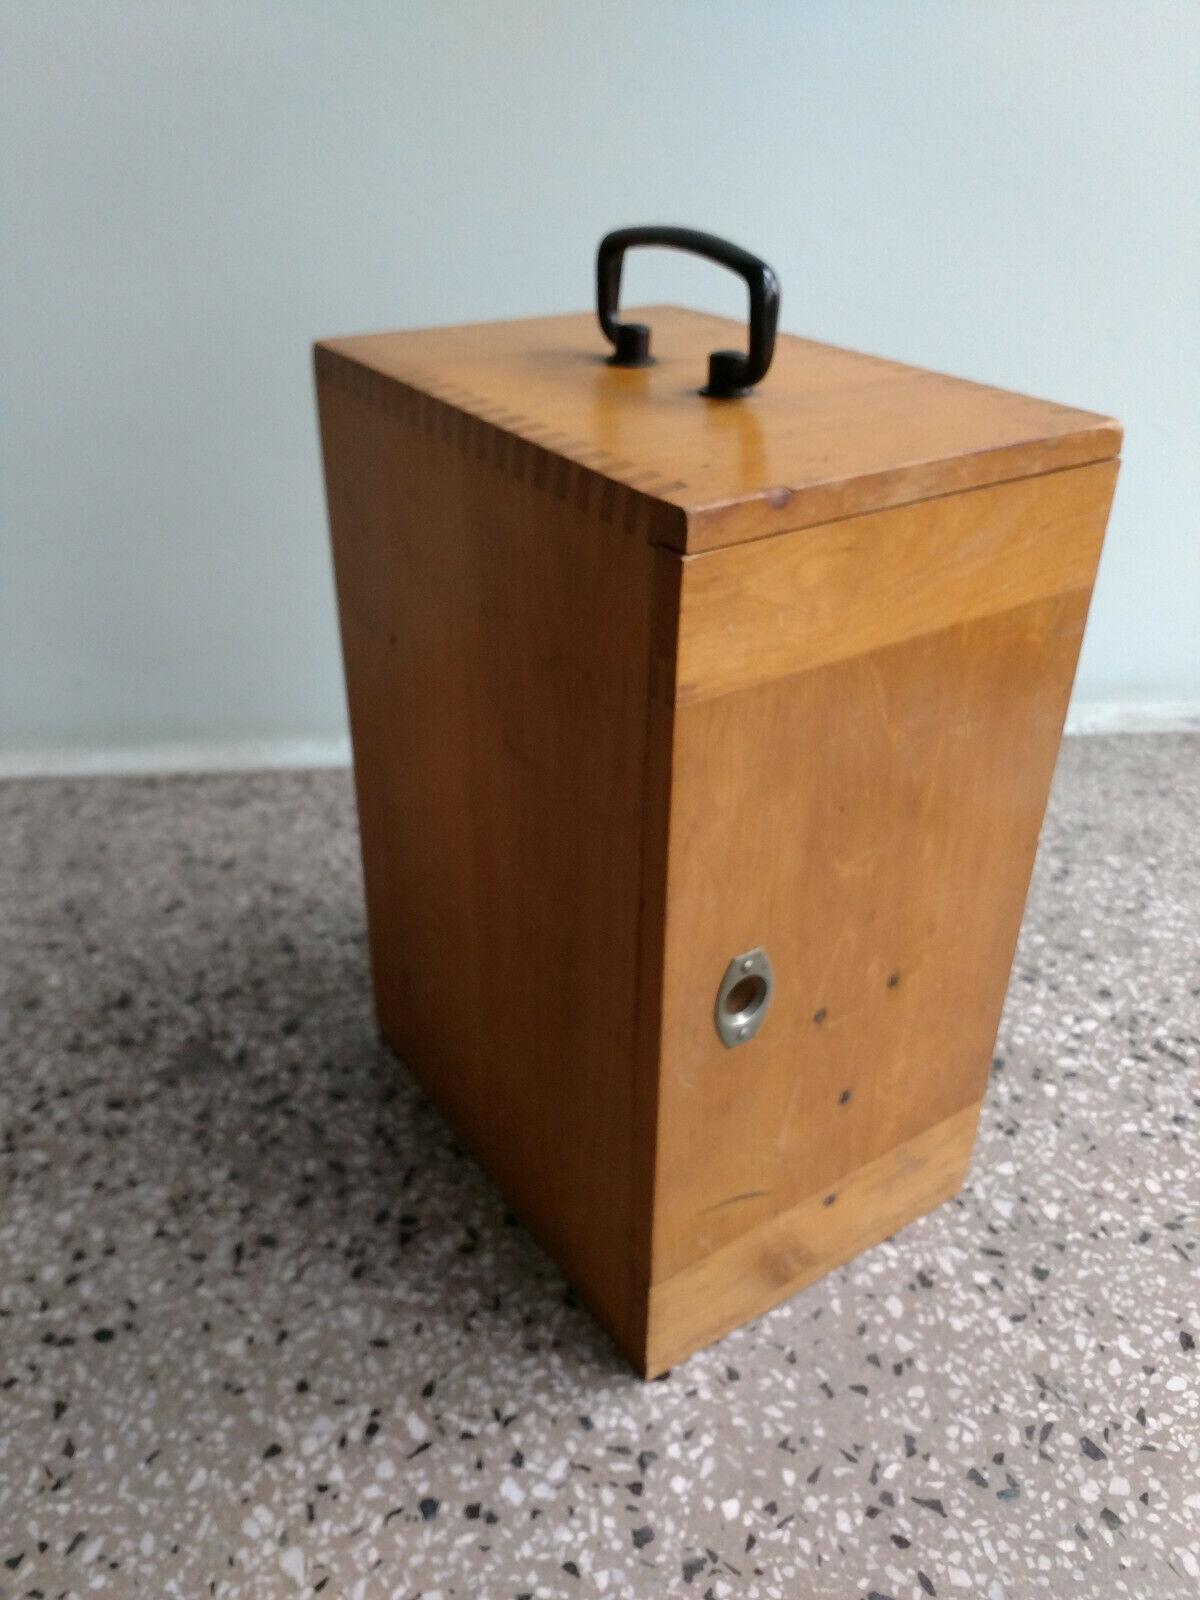 schöner hoher Mikroskop Kasten Holzkasten Holzkoffer E. Leitz Wetzlar